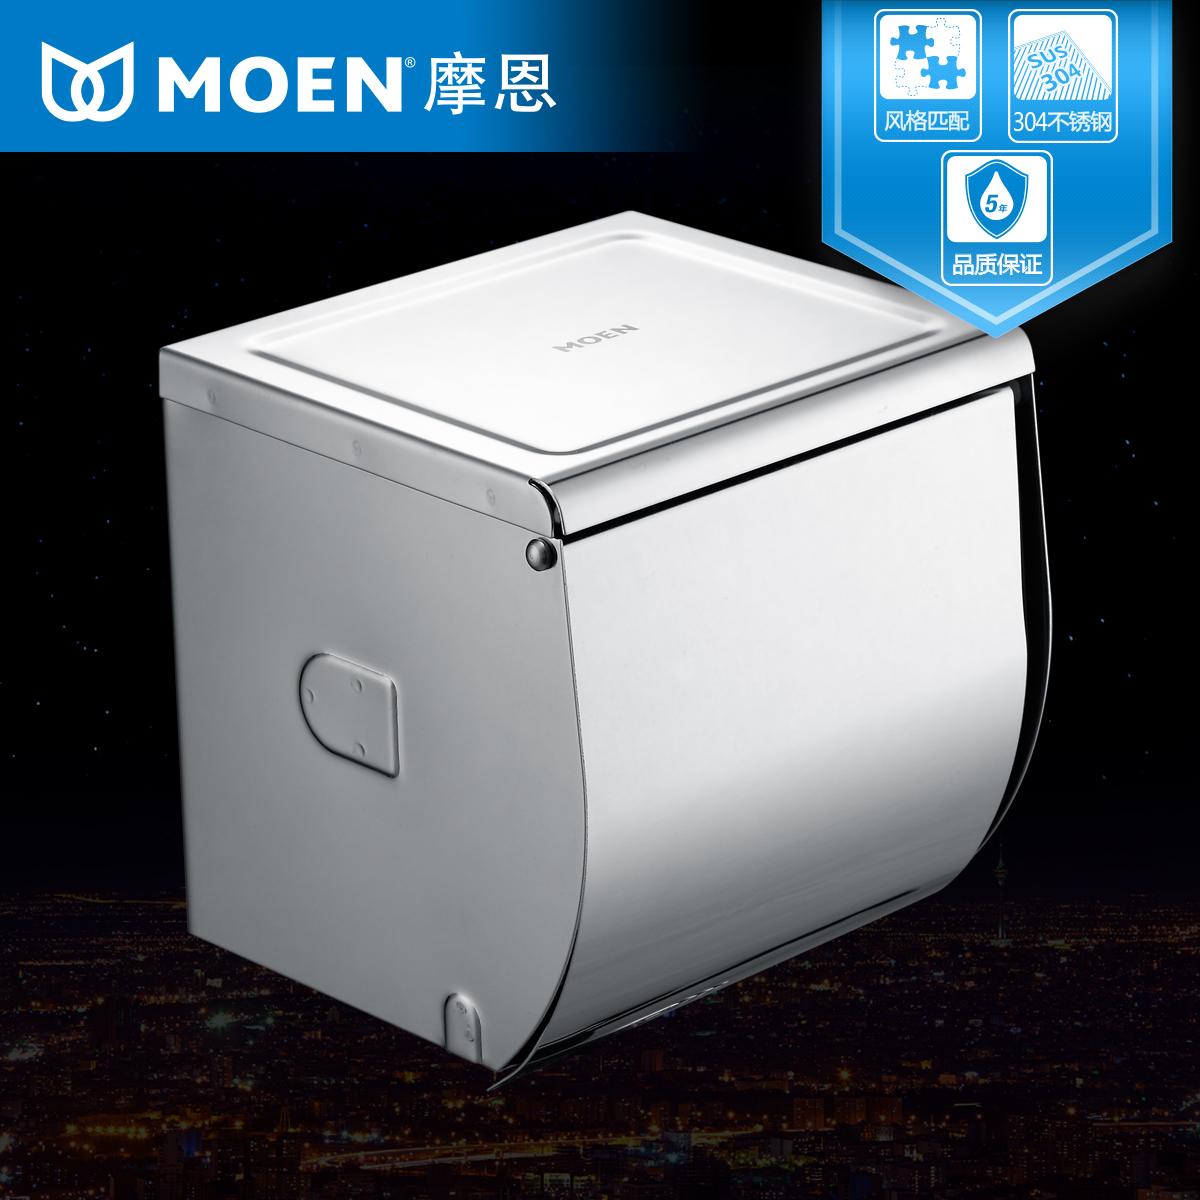 摩恩 304不鏽鋼卷紙器卷紙架衛生間紙巾盒廁所手紙廁紙盒 ACC9937